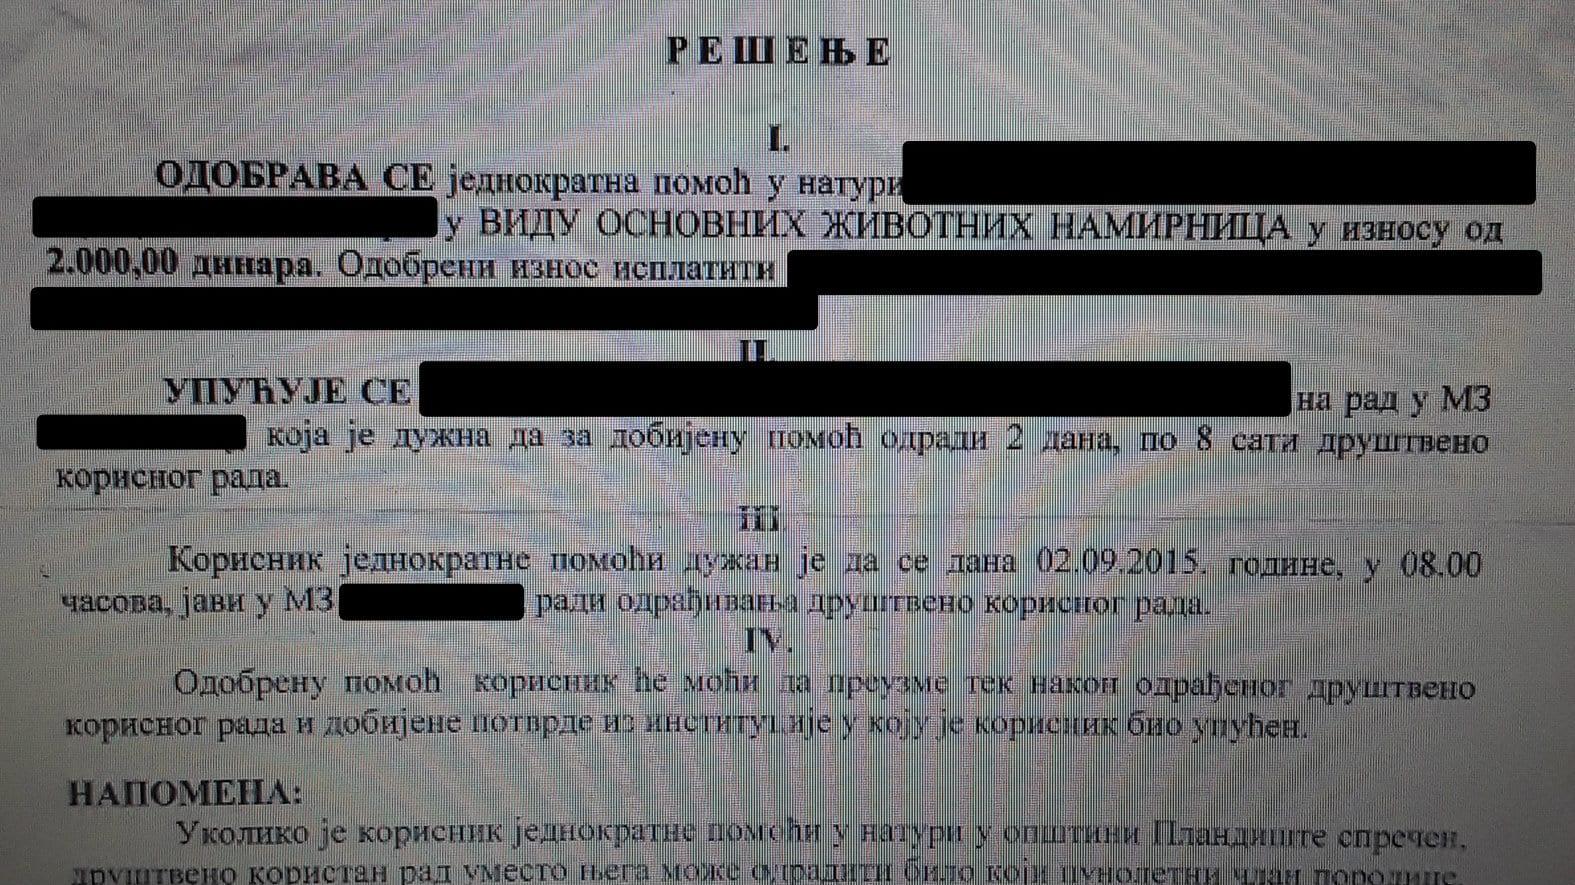 Srbija krši i domaće i međunarodne zakone 1